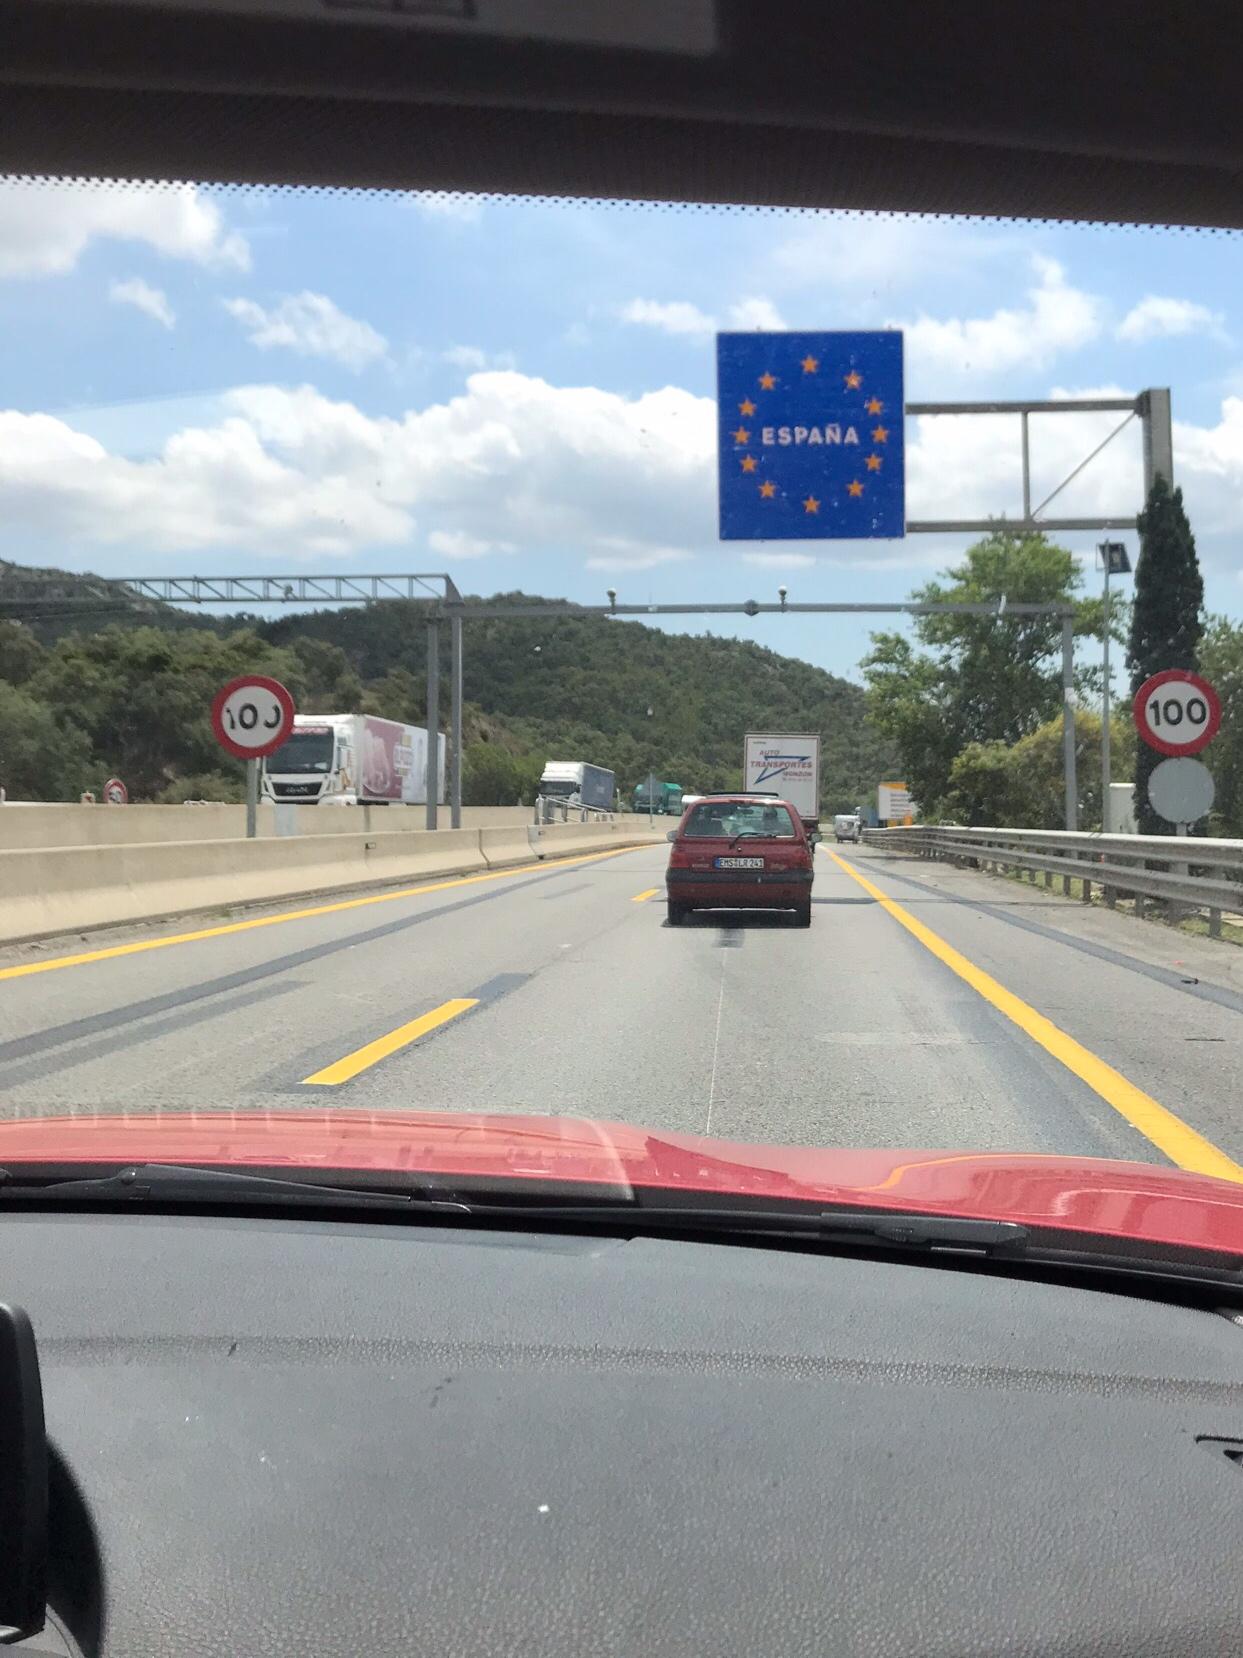 Här, i just detta ögonblick har vi kört bil hela vägen till Spanien!